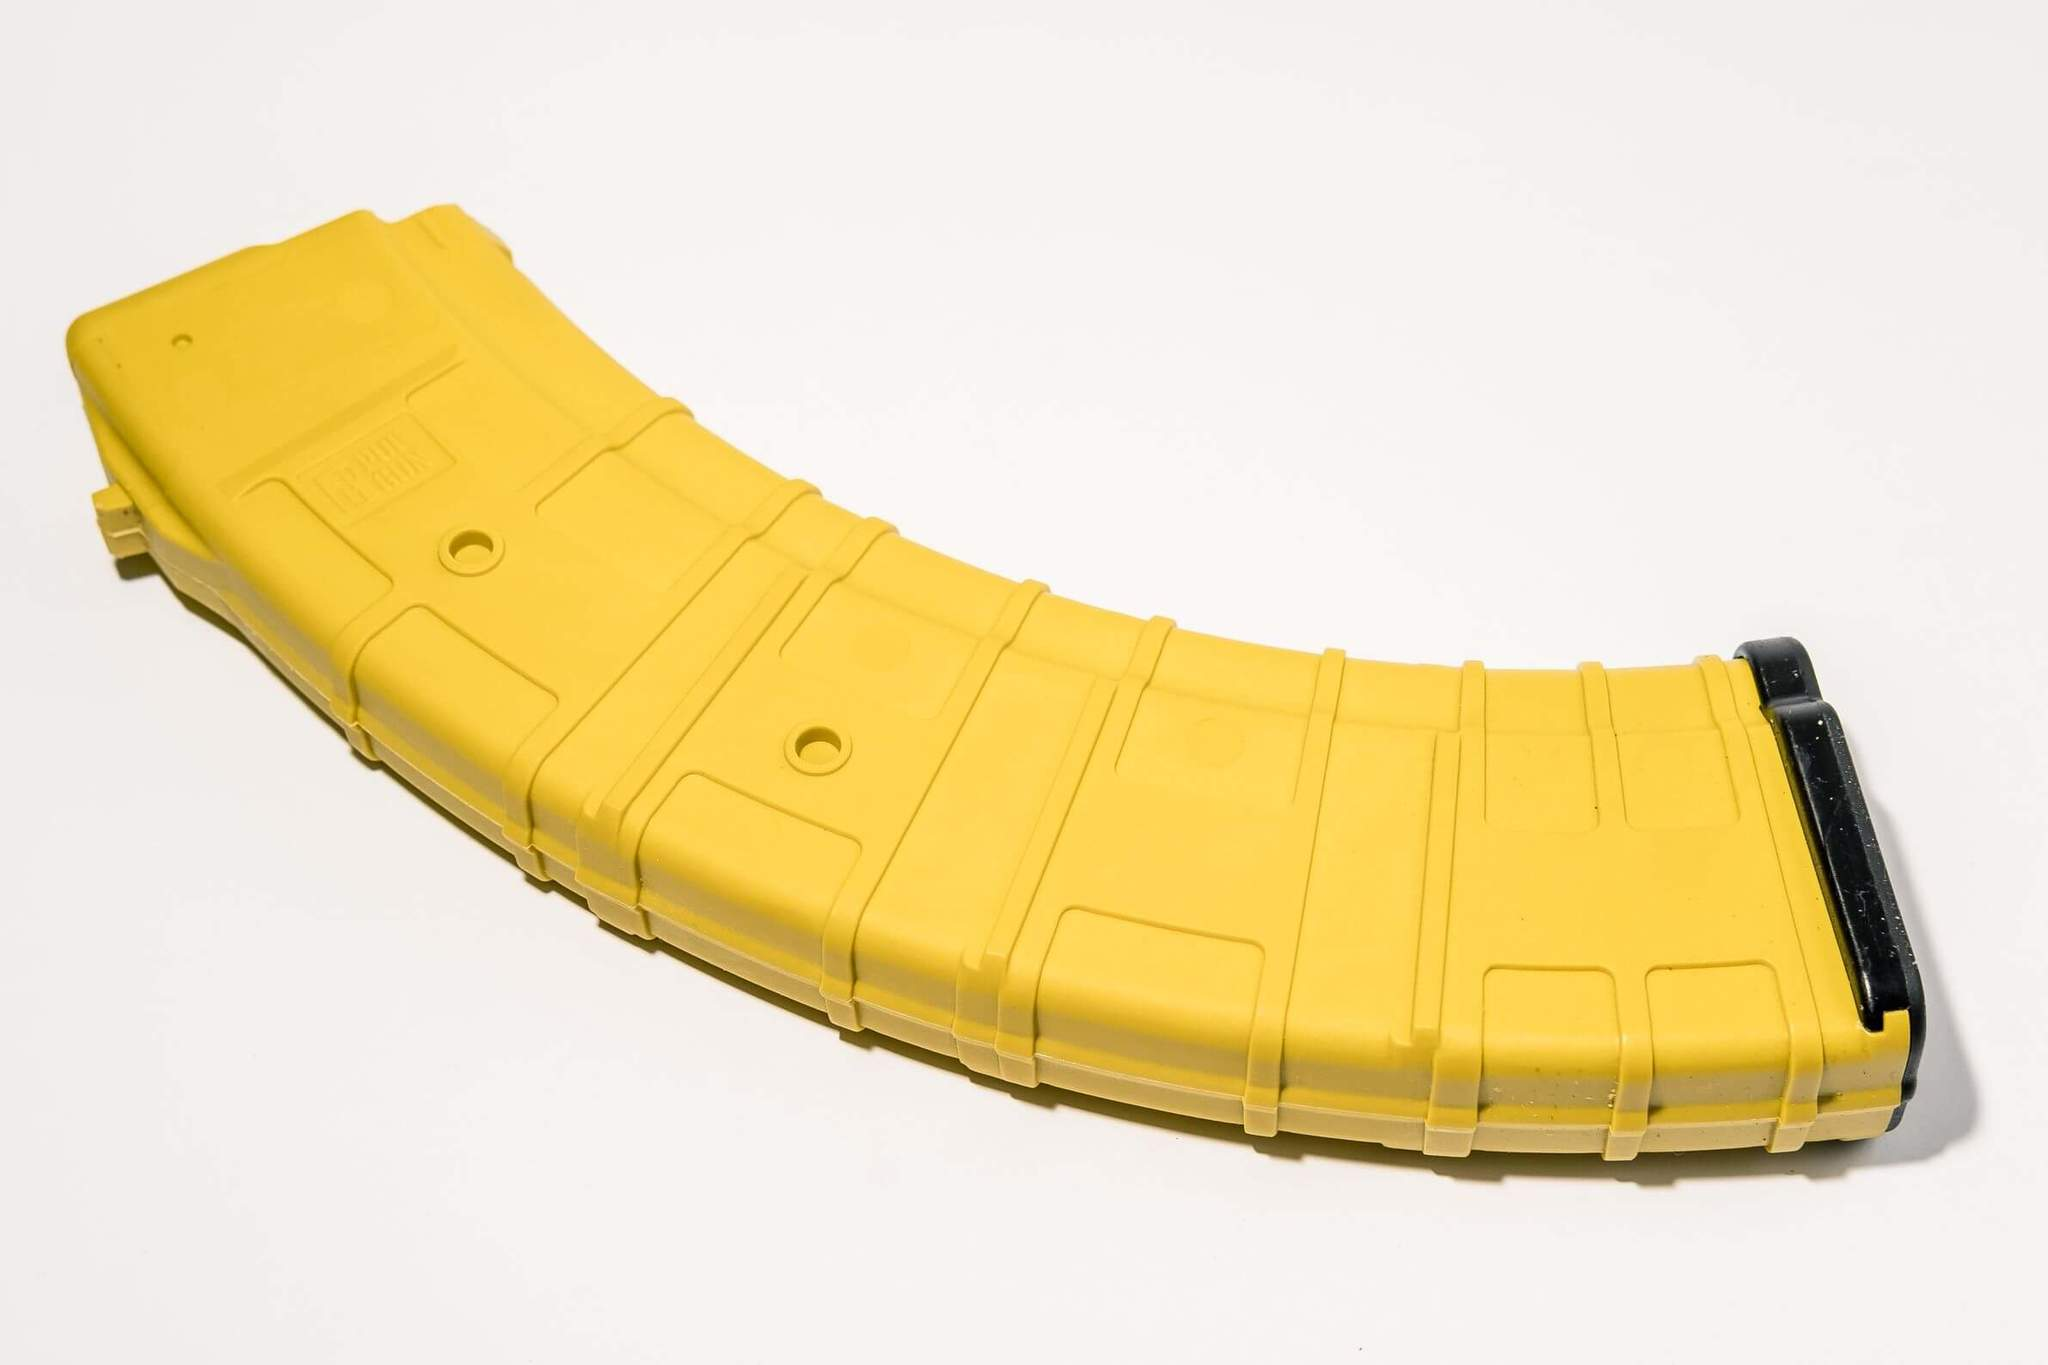 Магазин Pufgun для АКМ 7.62x39 ВПО-136 на 40 патронов, желтый